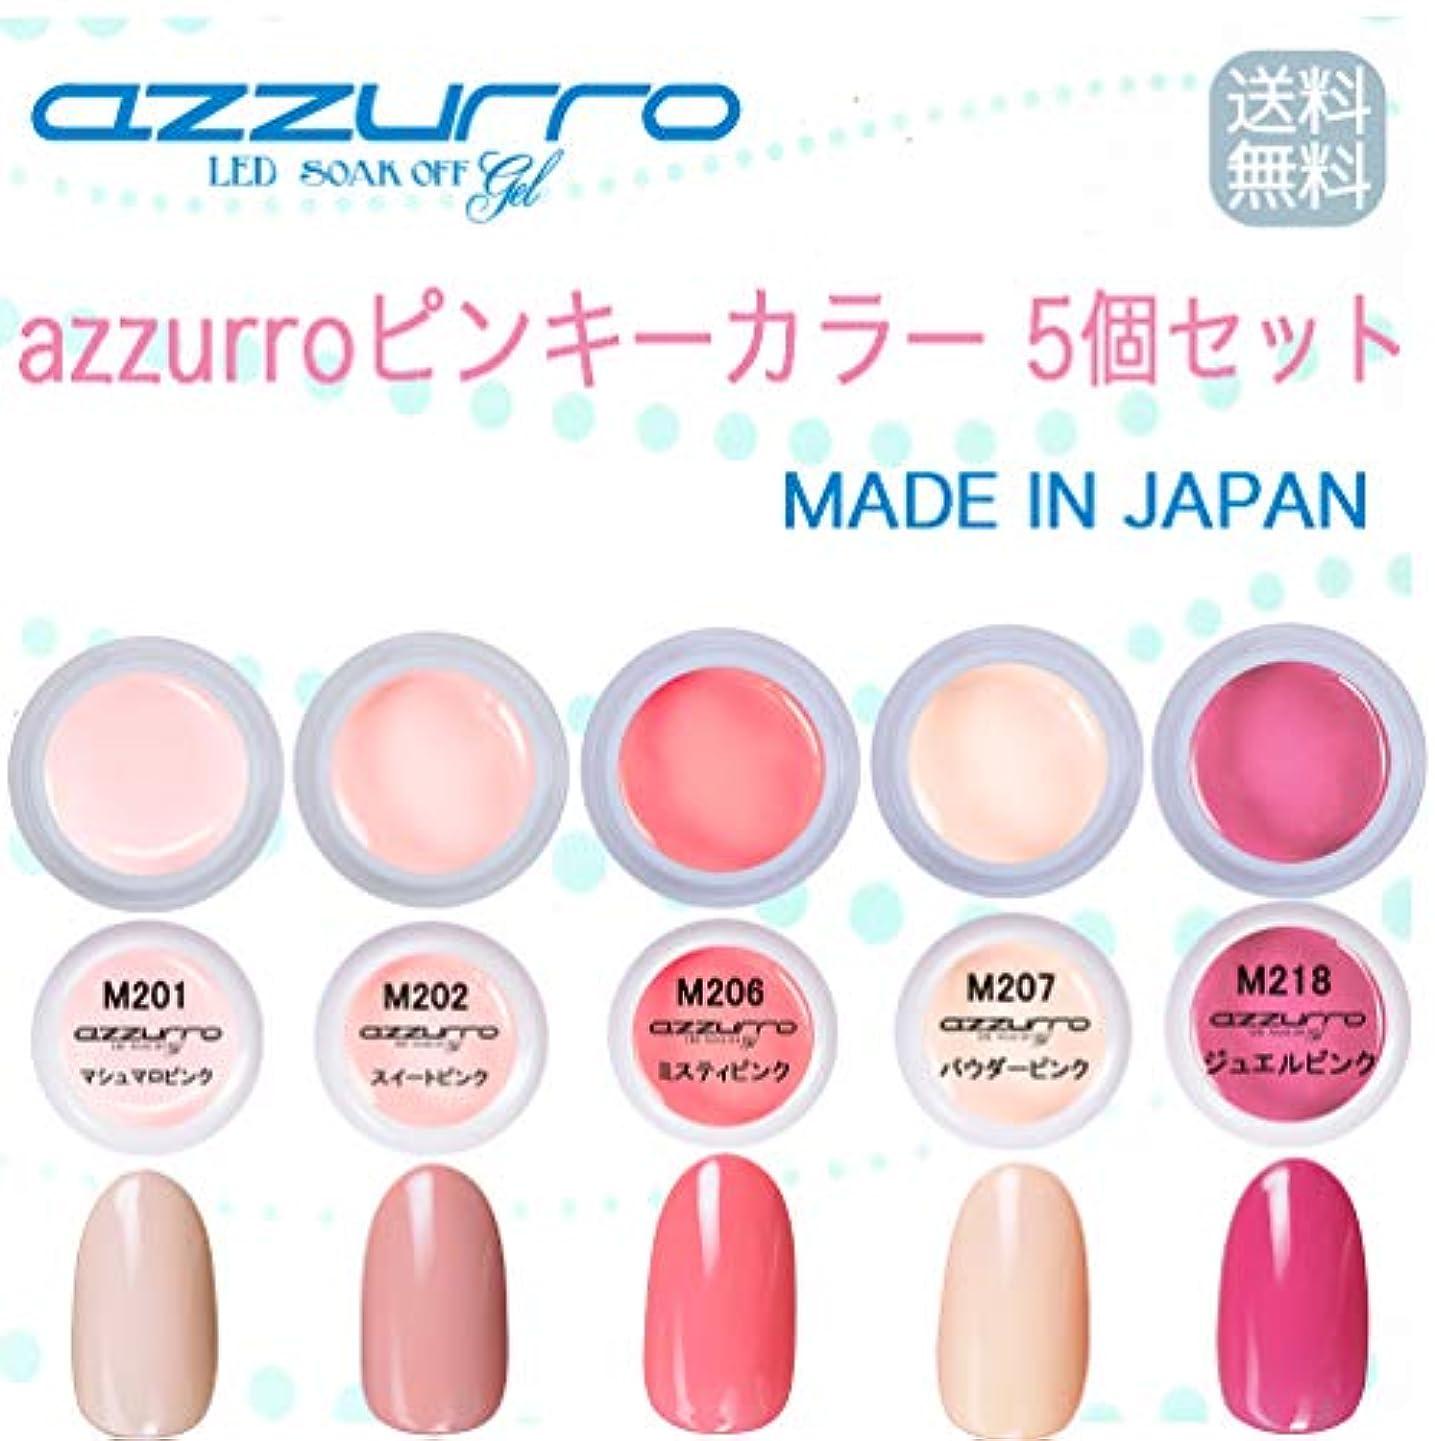 パッド安らぎ恥【送料無料】日本製 azzurro gel ピンキーカラー ジェル5個セット ネイルのマストアイテムピンキーカラー